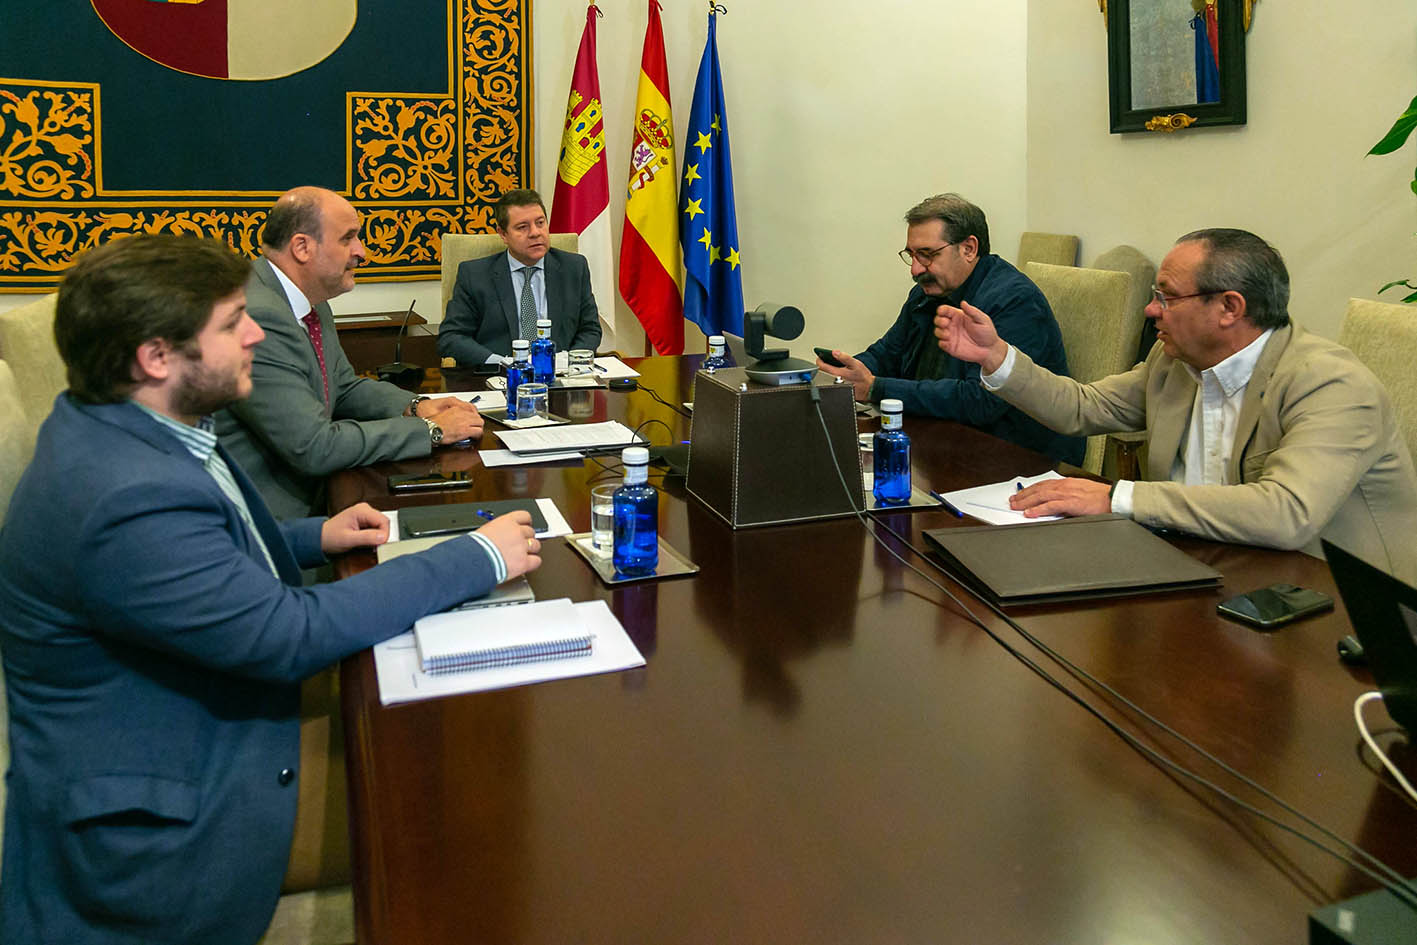 El Gobierno de CLM durante la videoconferencia de presidentes con Pedro Sánchez.